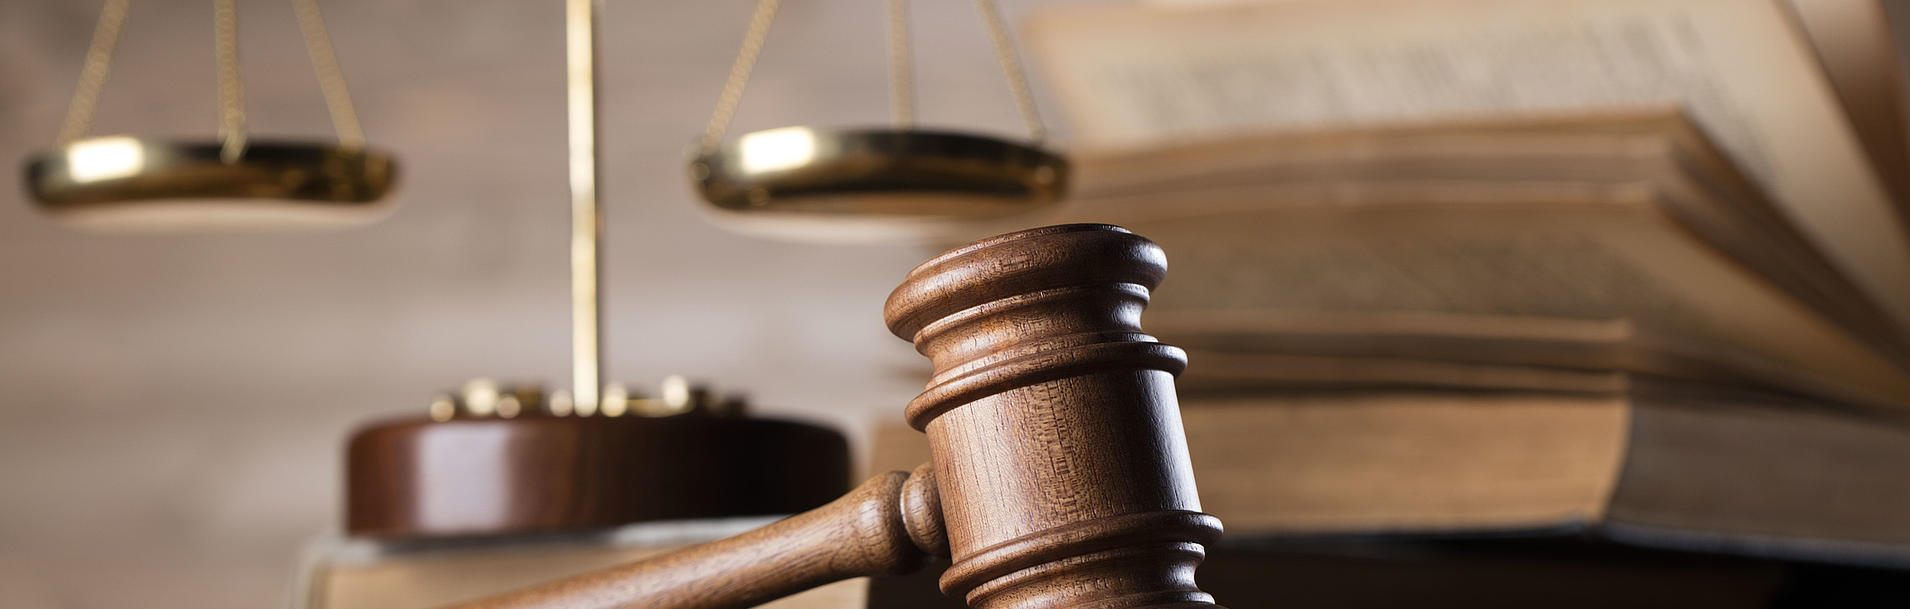 Justiz und Sicherheit